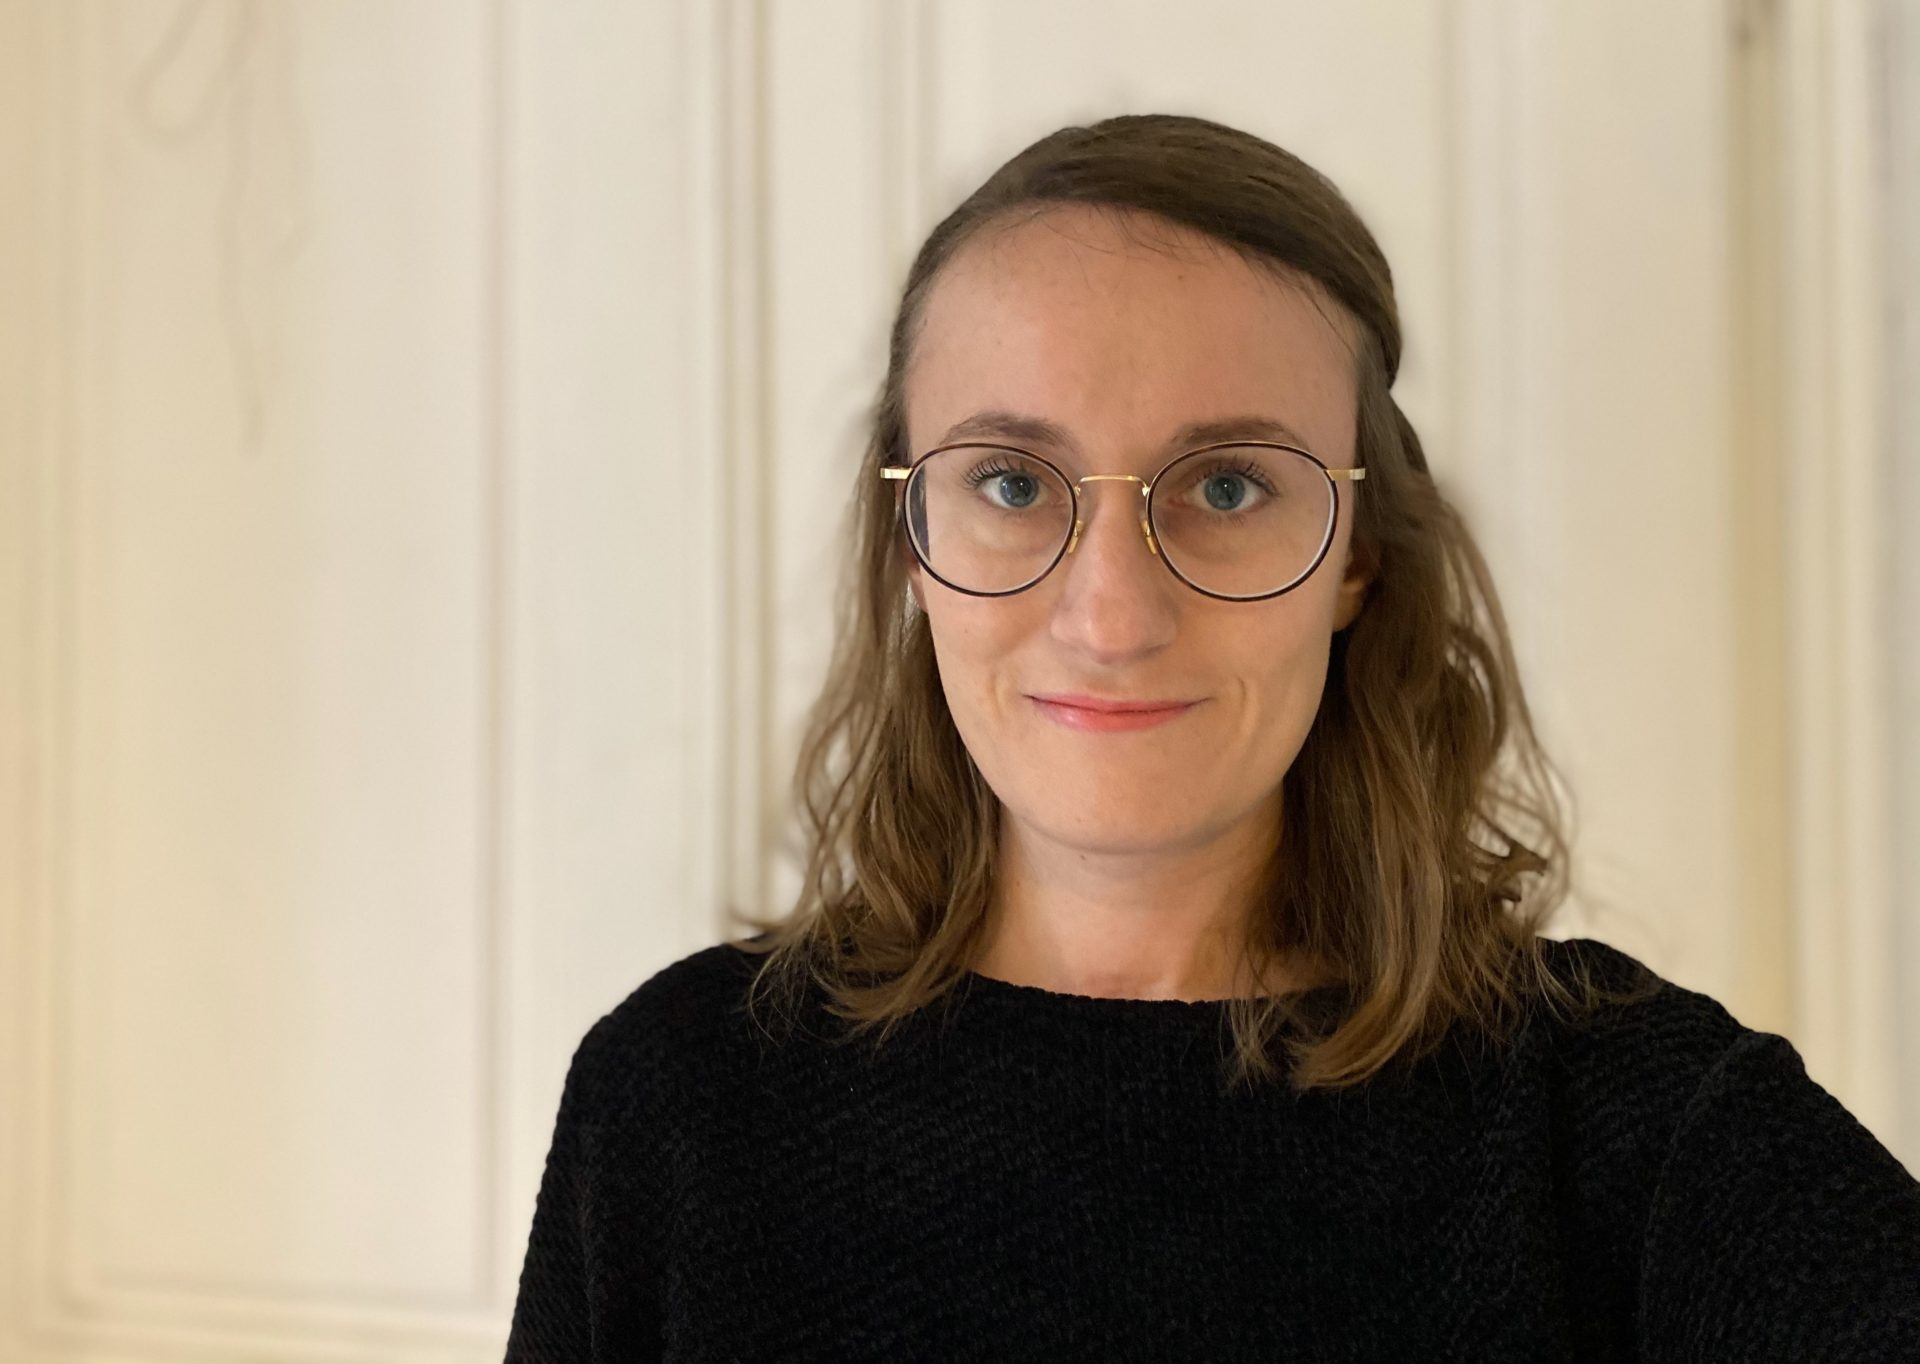 Isabella Juen